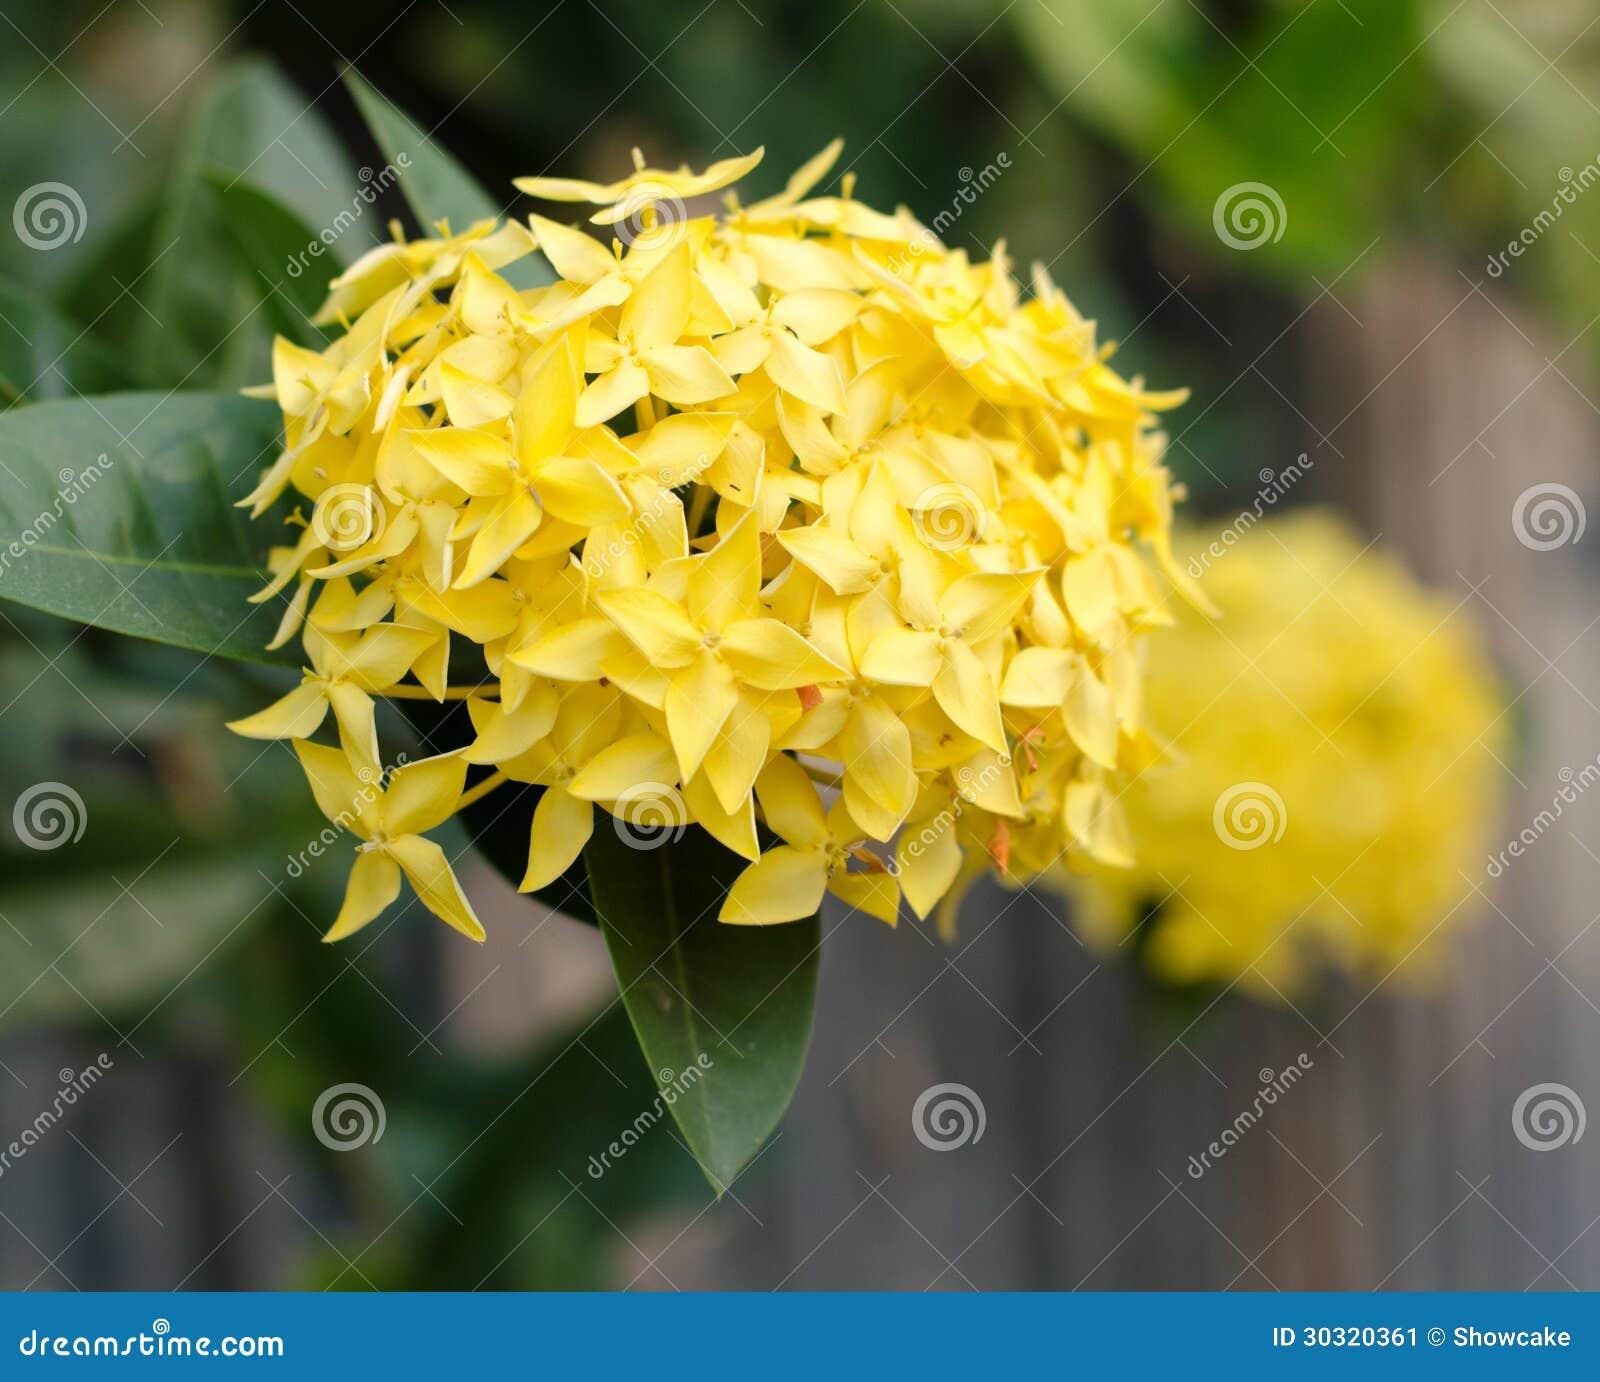 Geranio della giungla coccinea di ixora primo piano - Geranio giallo ...